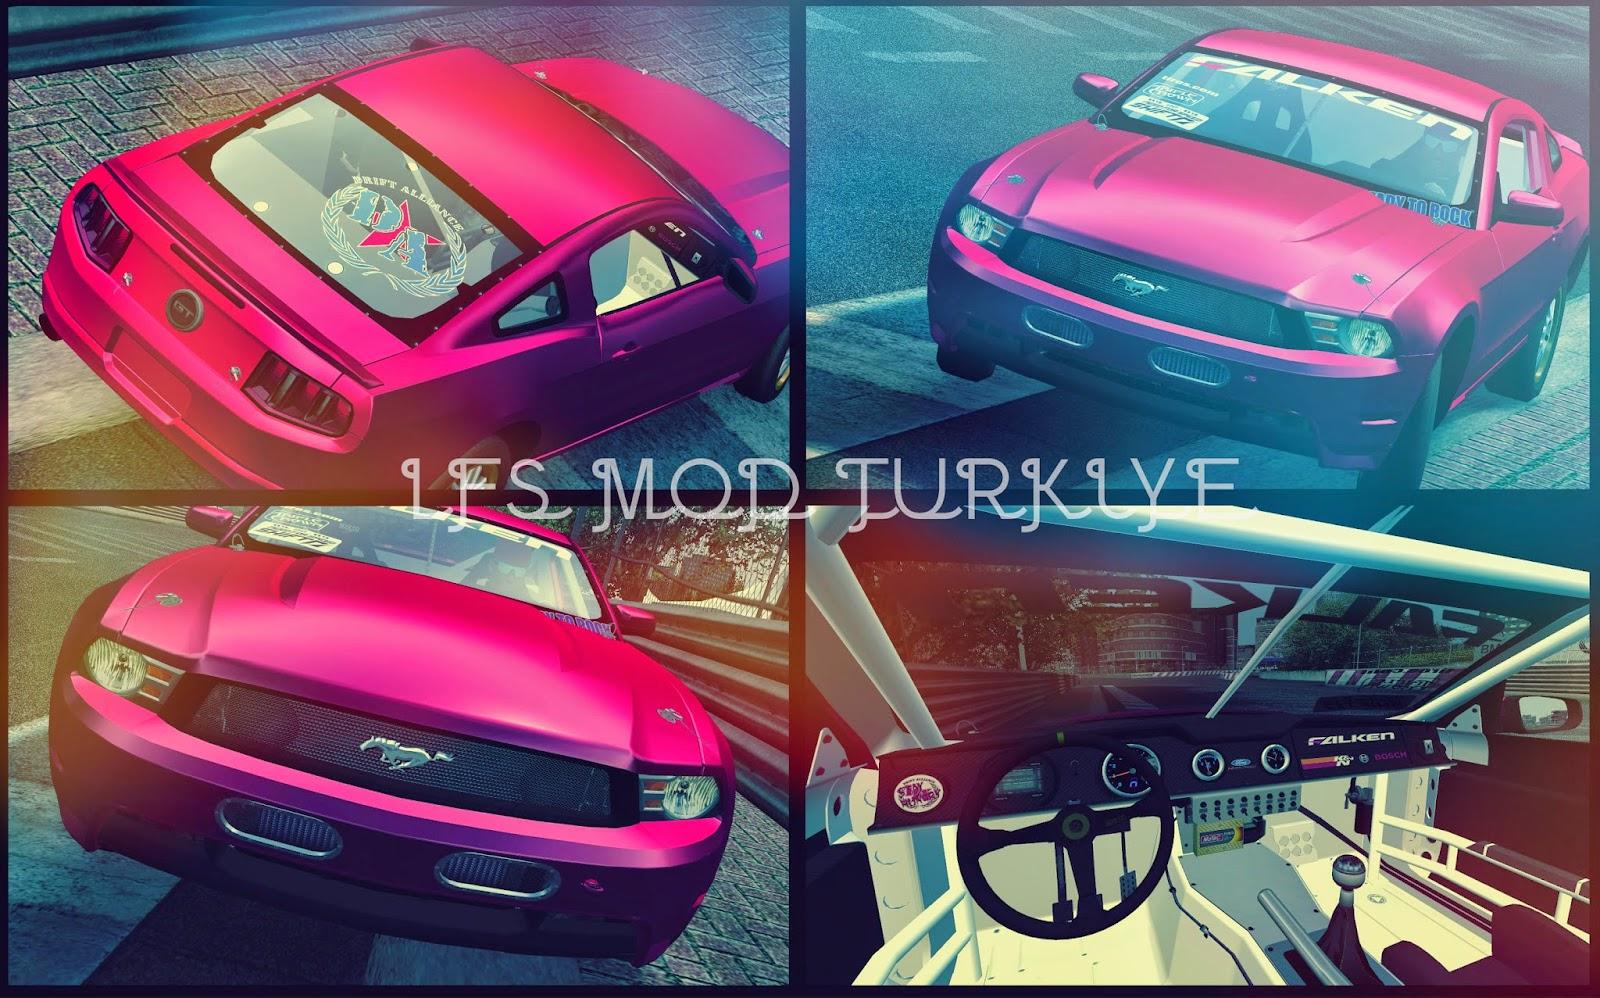 Mart 2015 Lfs Mod Turkiye